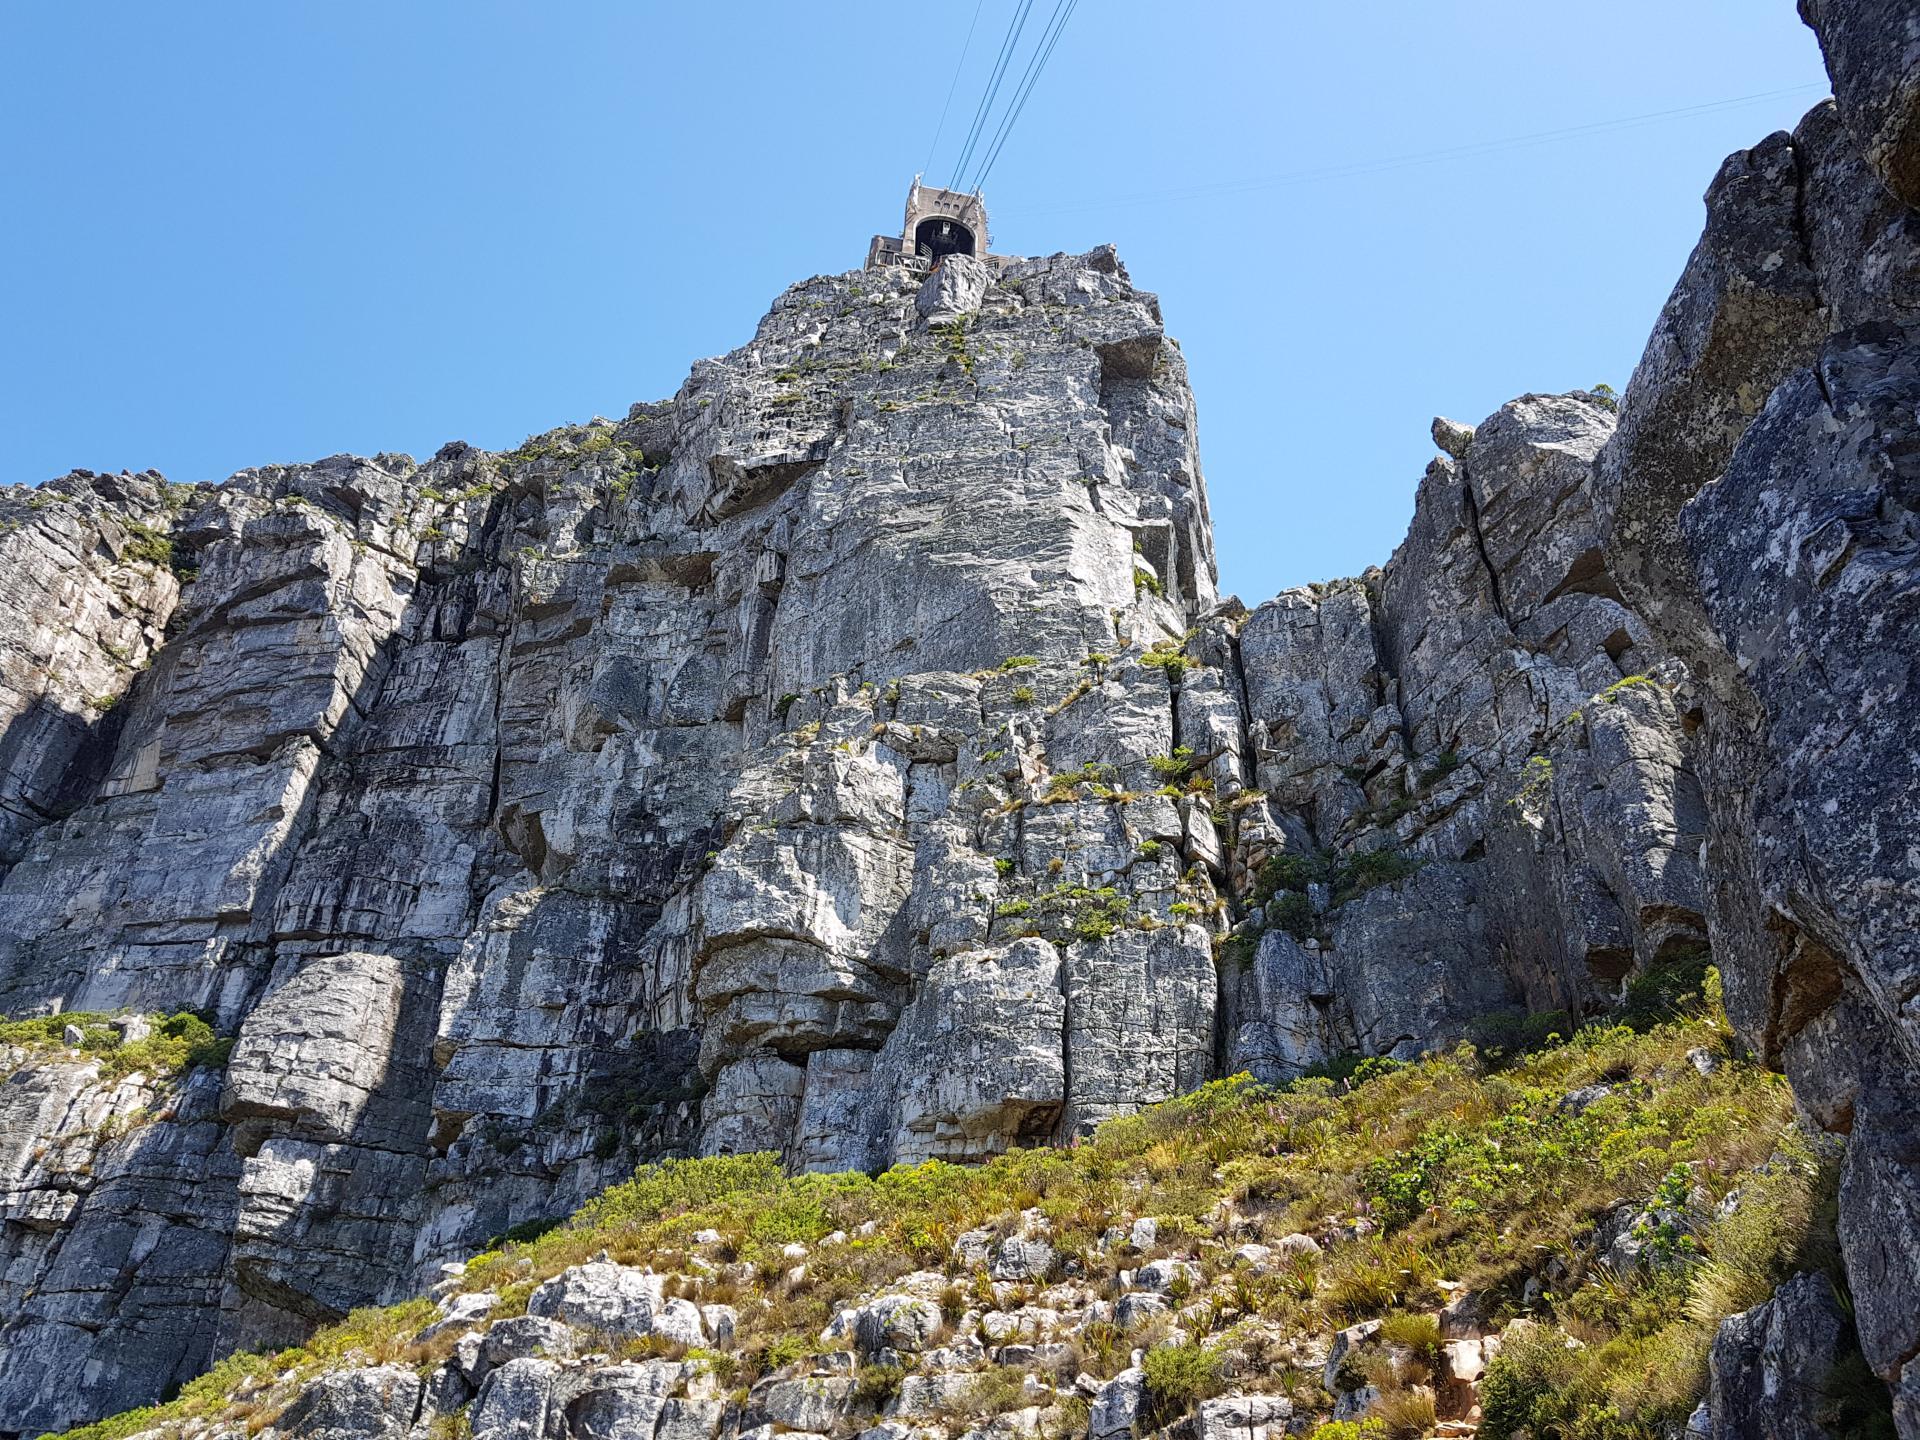 вид на верхнюю станцию фуникулера Столовой горы